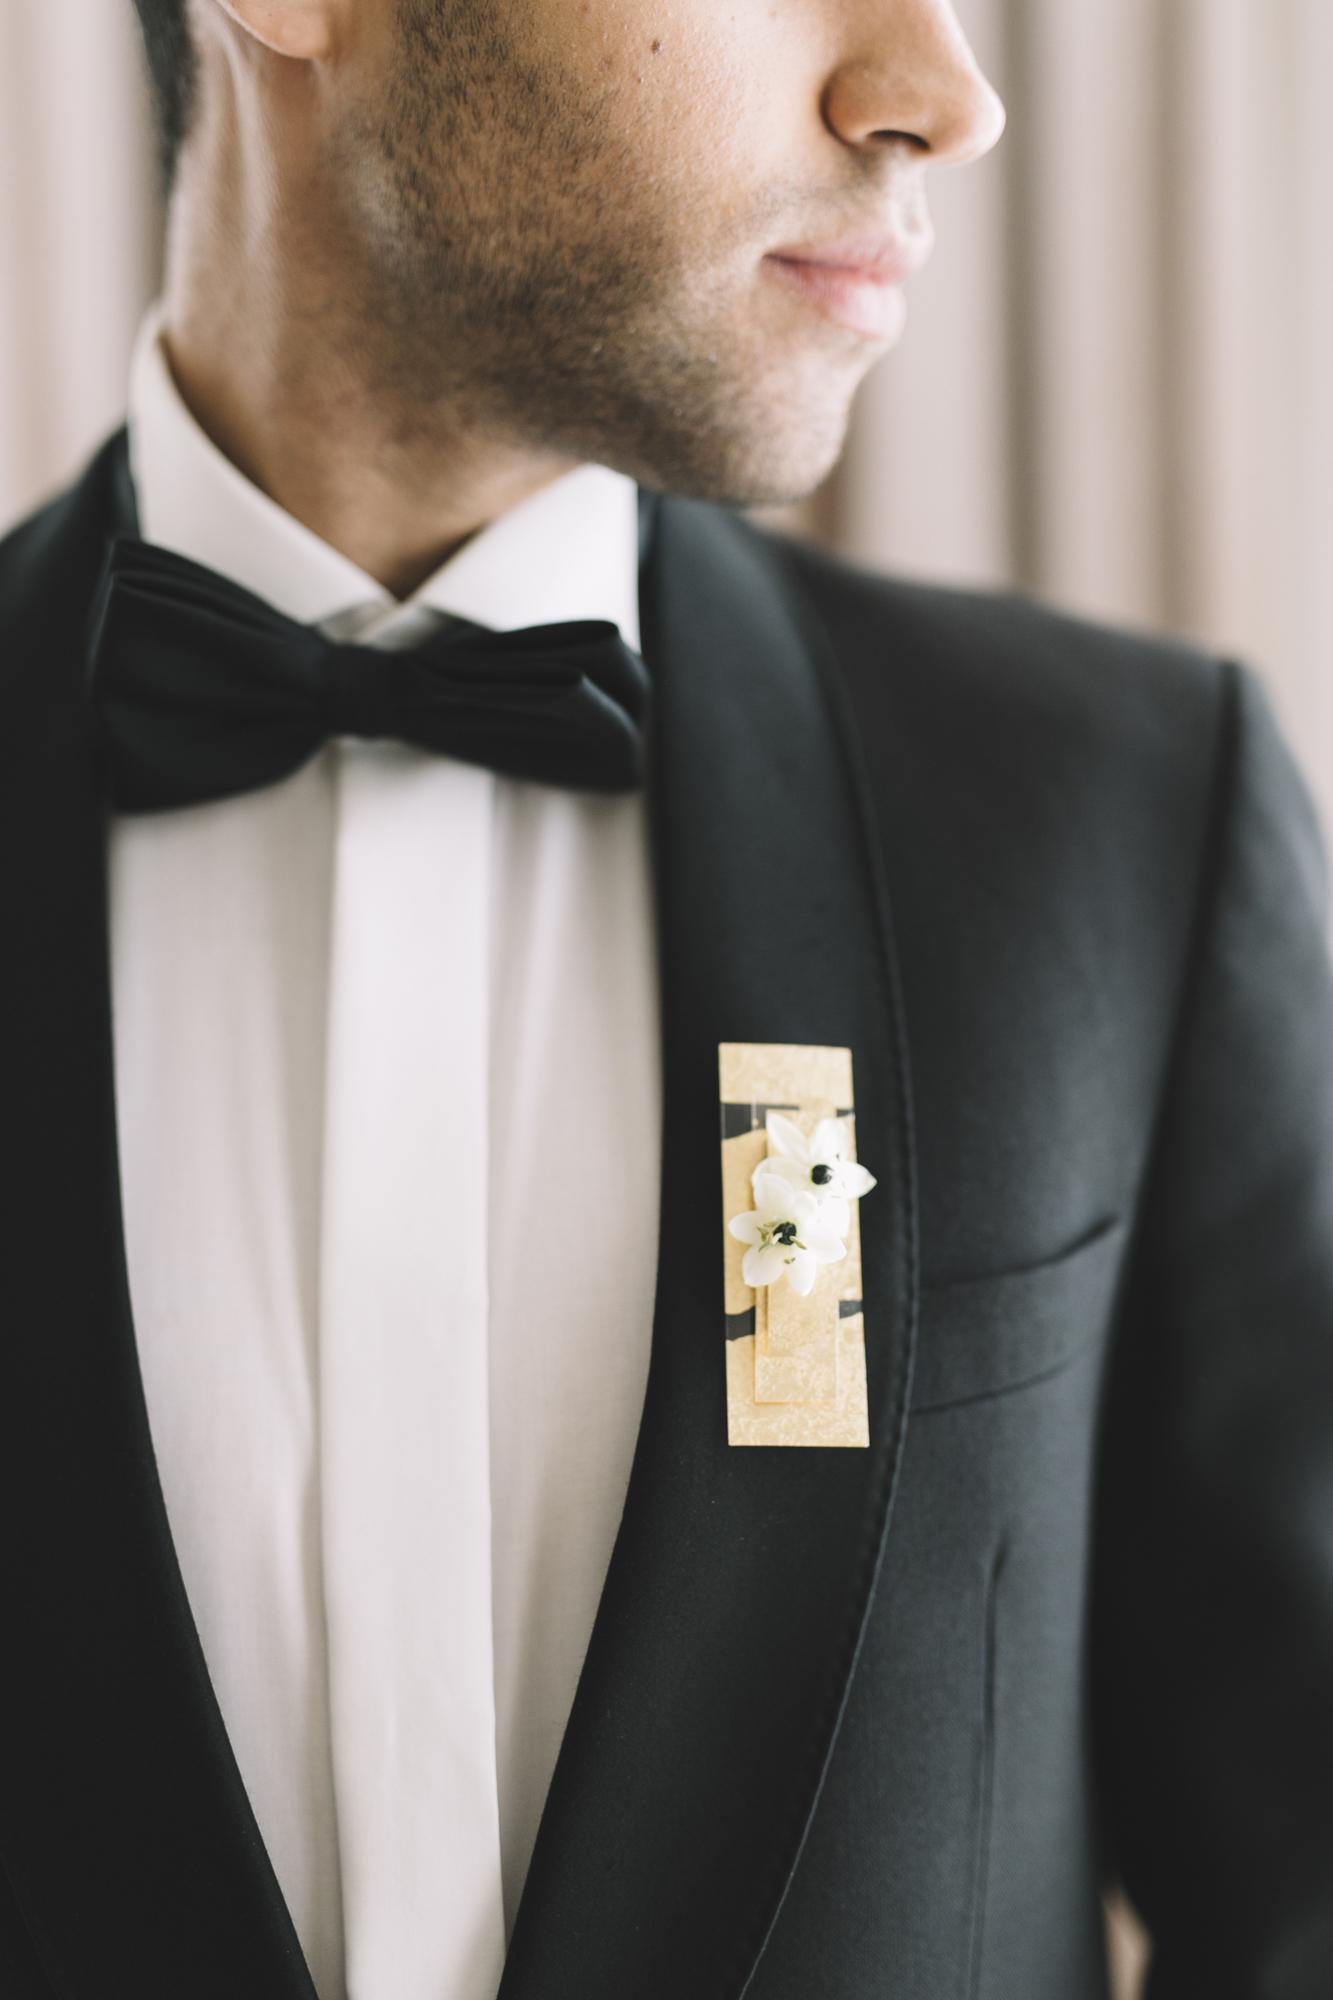 Hochzeitsfloristik Anstecker gold mit weisser Blume am Braeutigam